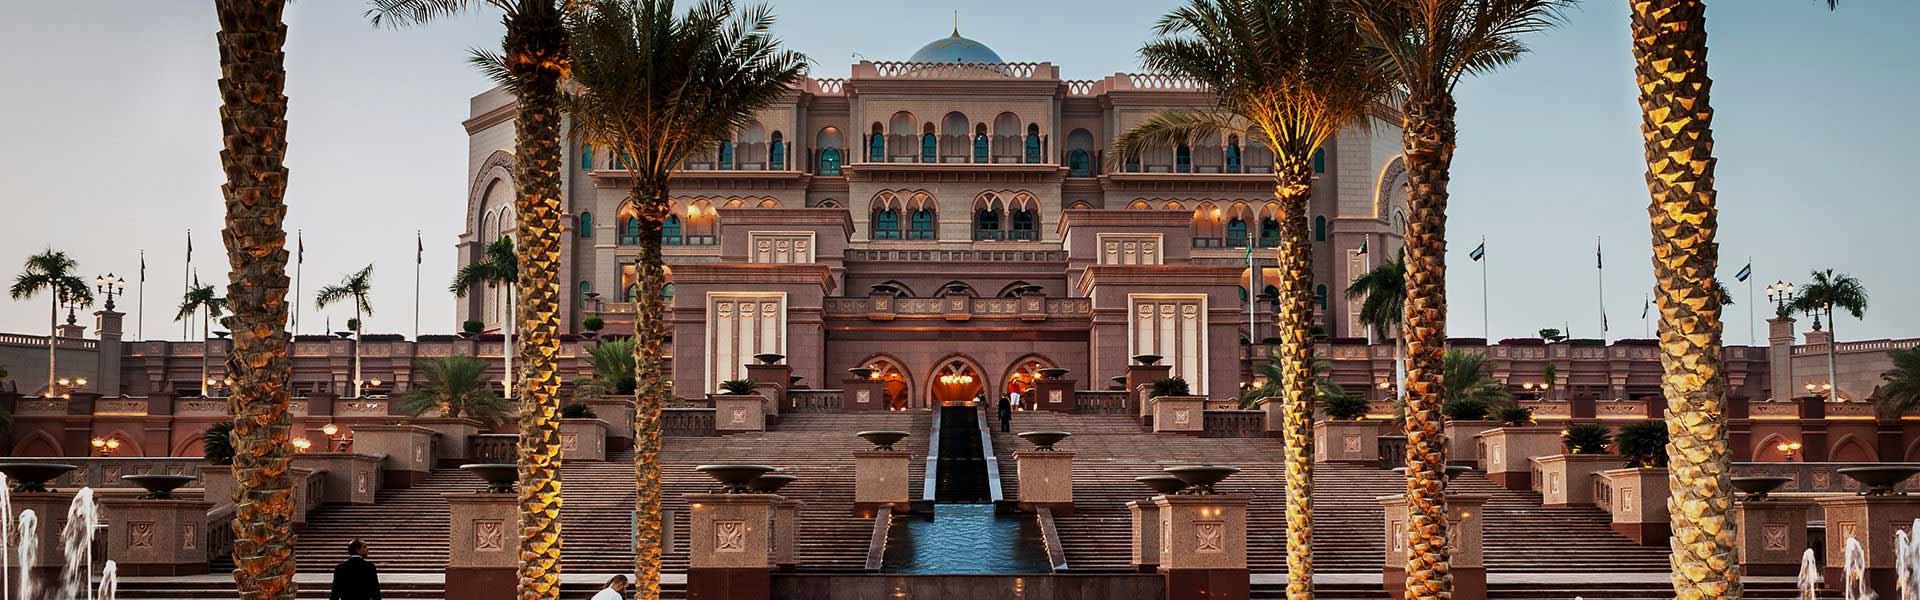 Emirates Palace Hotel in Abu Dhabi